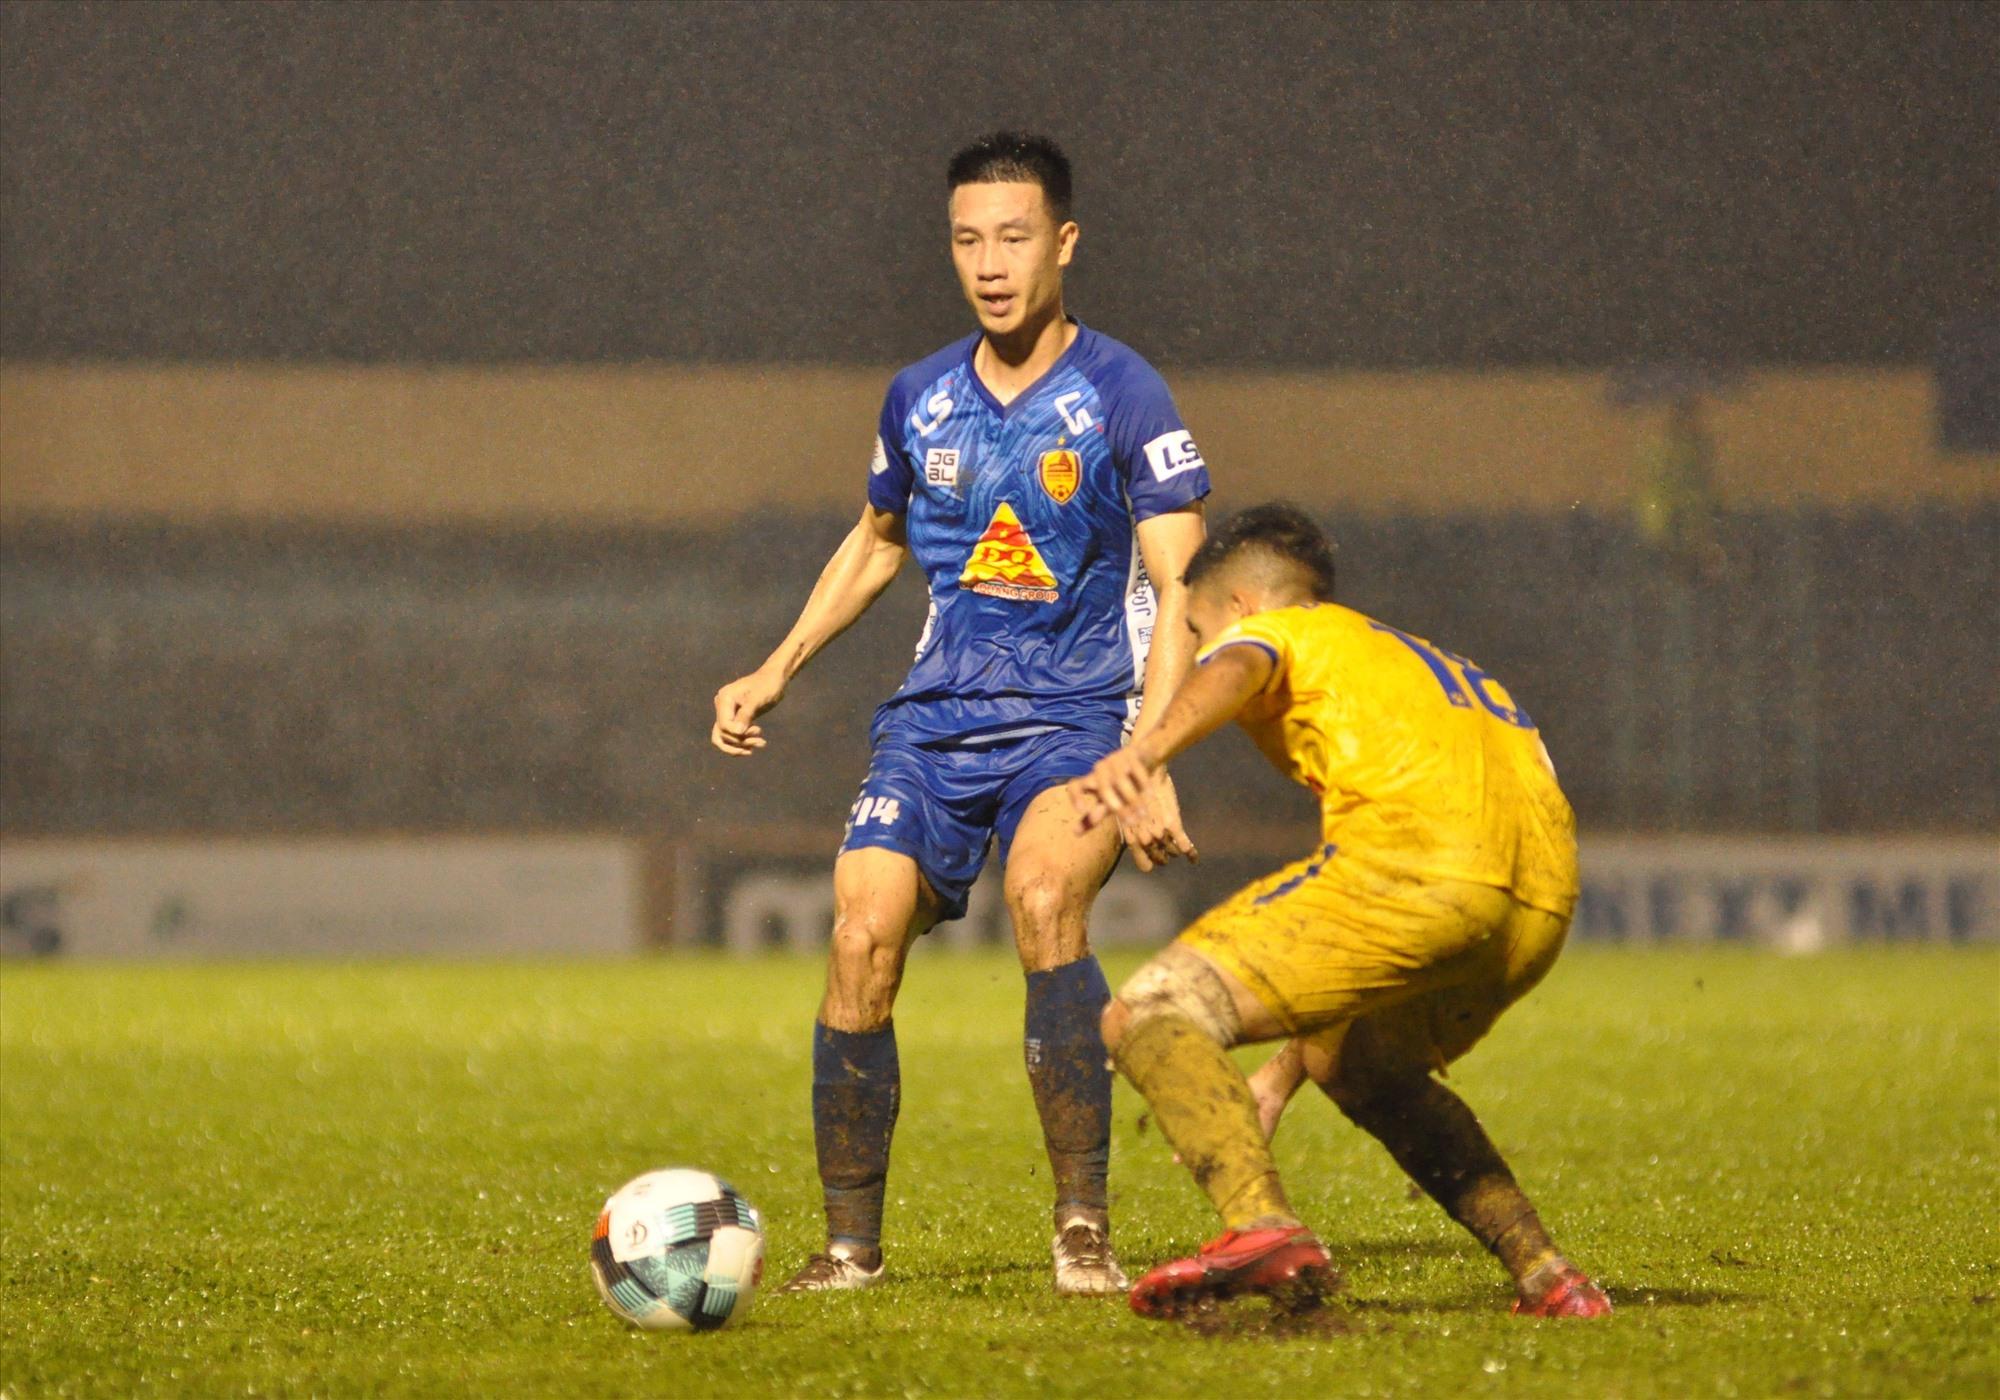 Tuyển thủ quốc gia Huy Hùng (bên trái) sẽ cùng với Quảng Nam xuống chơi ở giải hạng nhất 2021. Ảnh: A.S